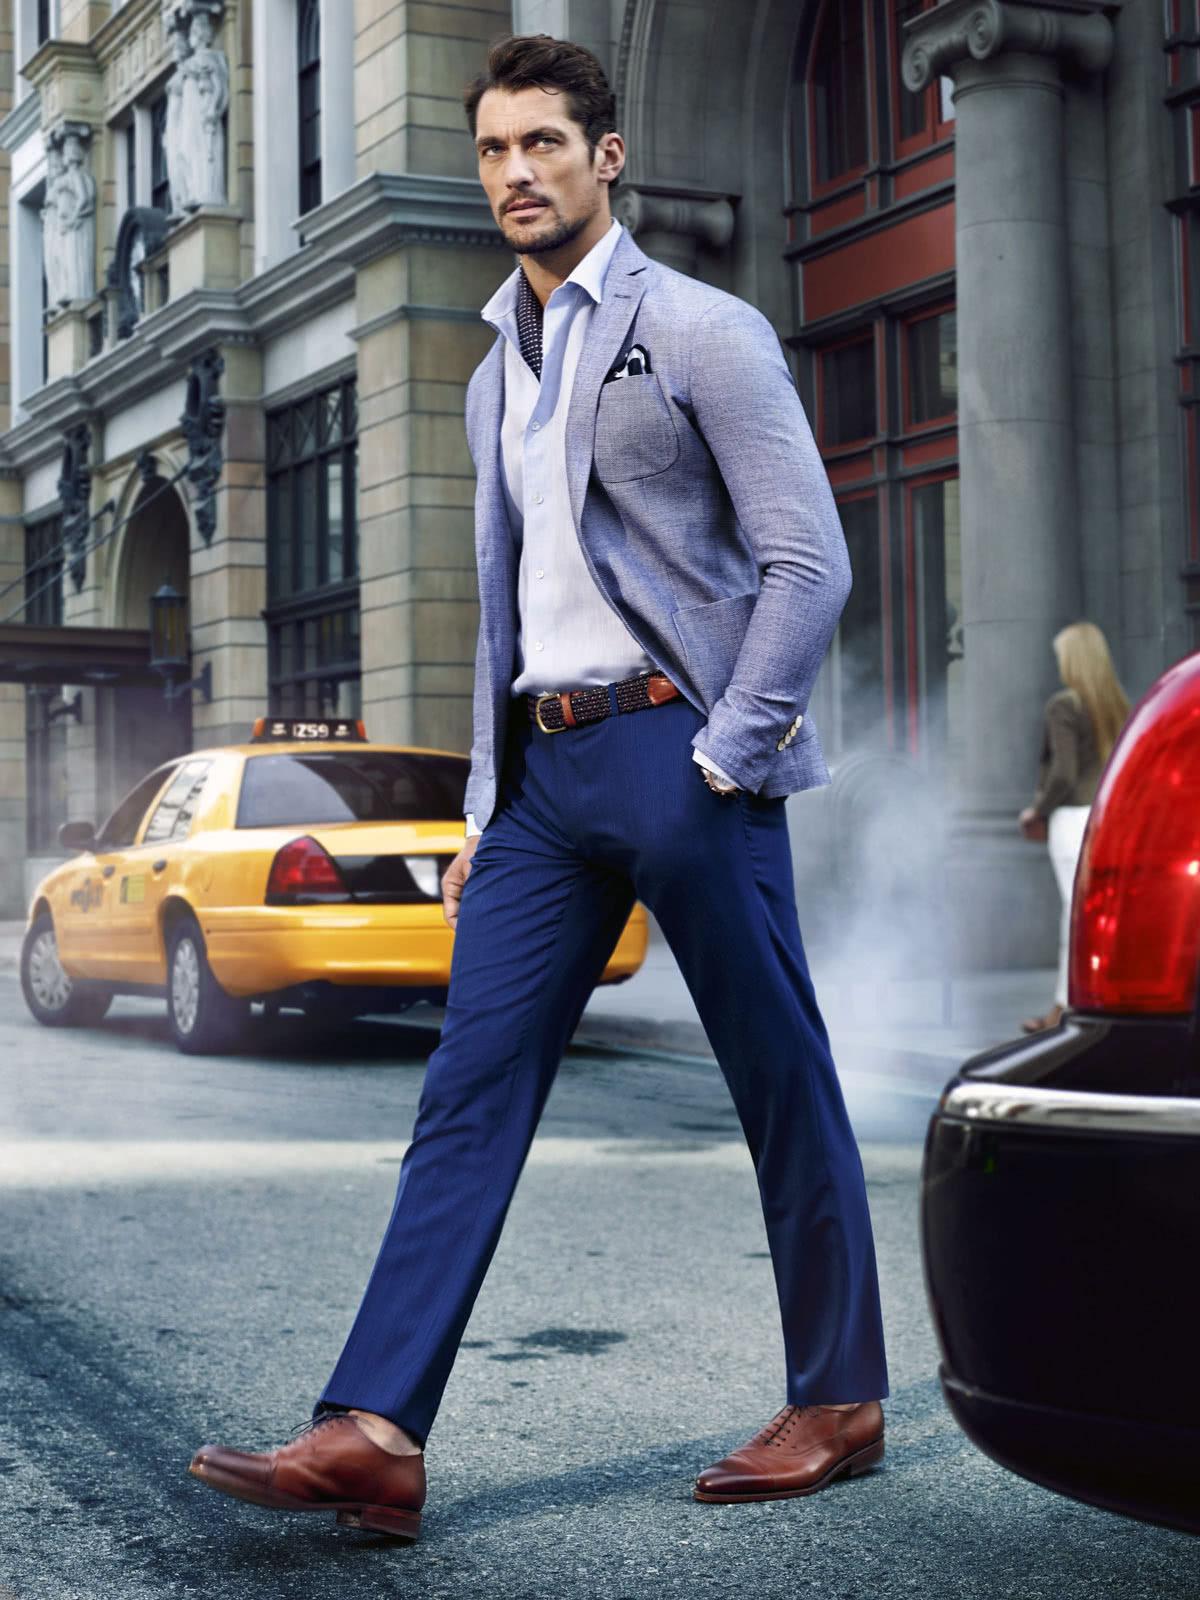 Man in smart casual attire